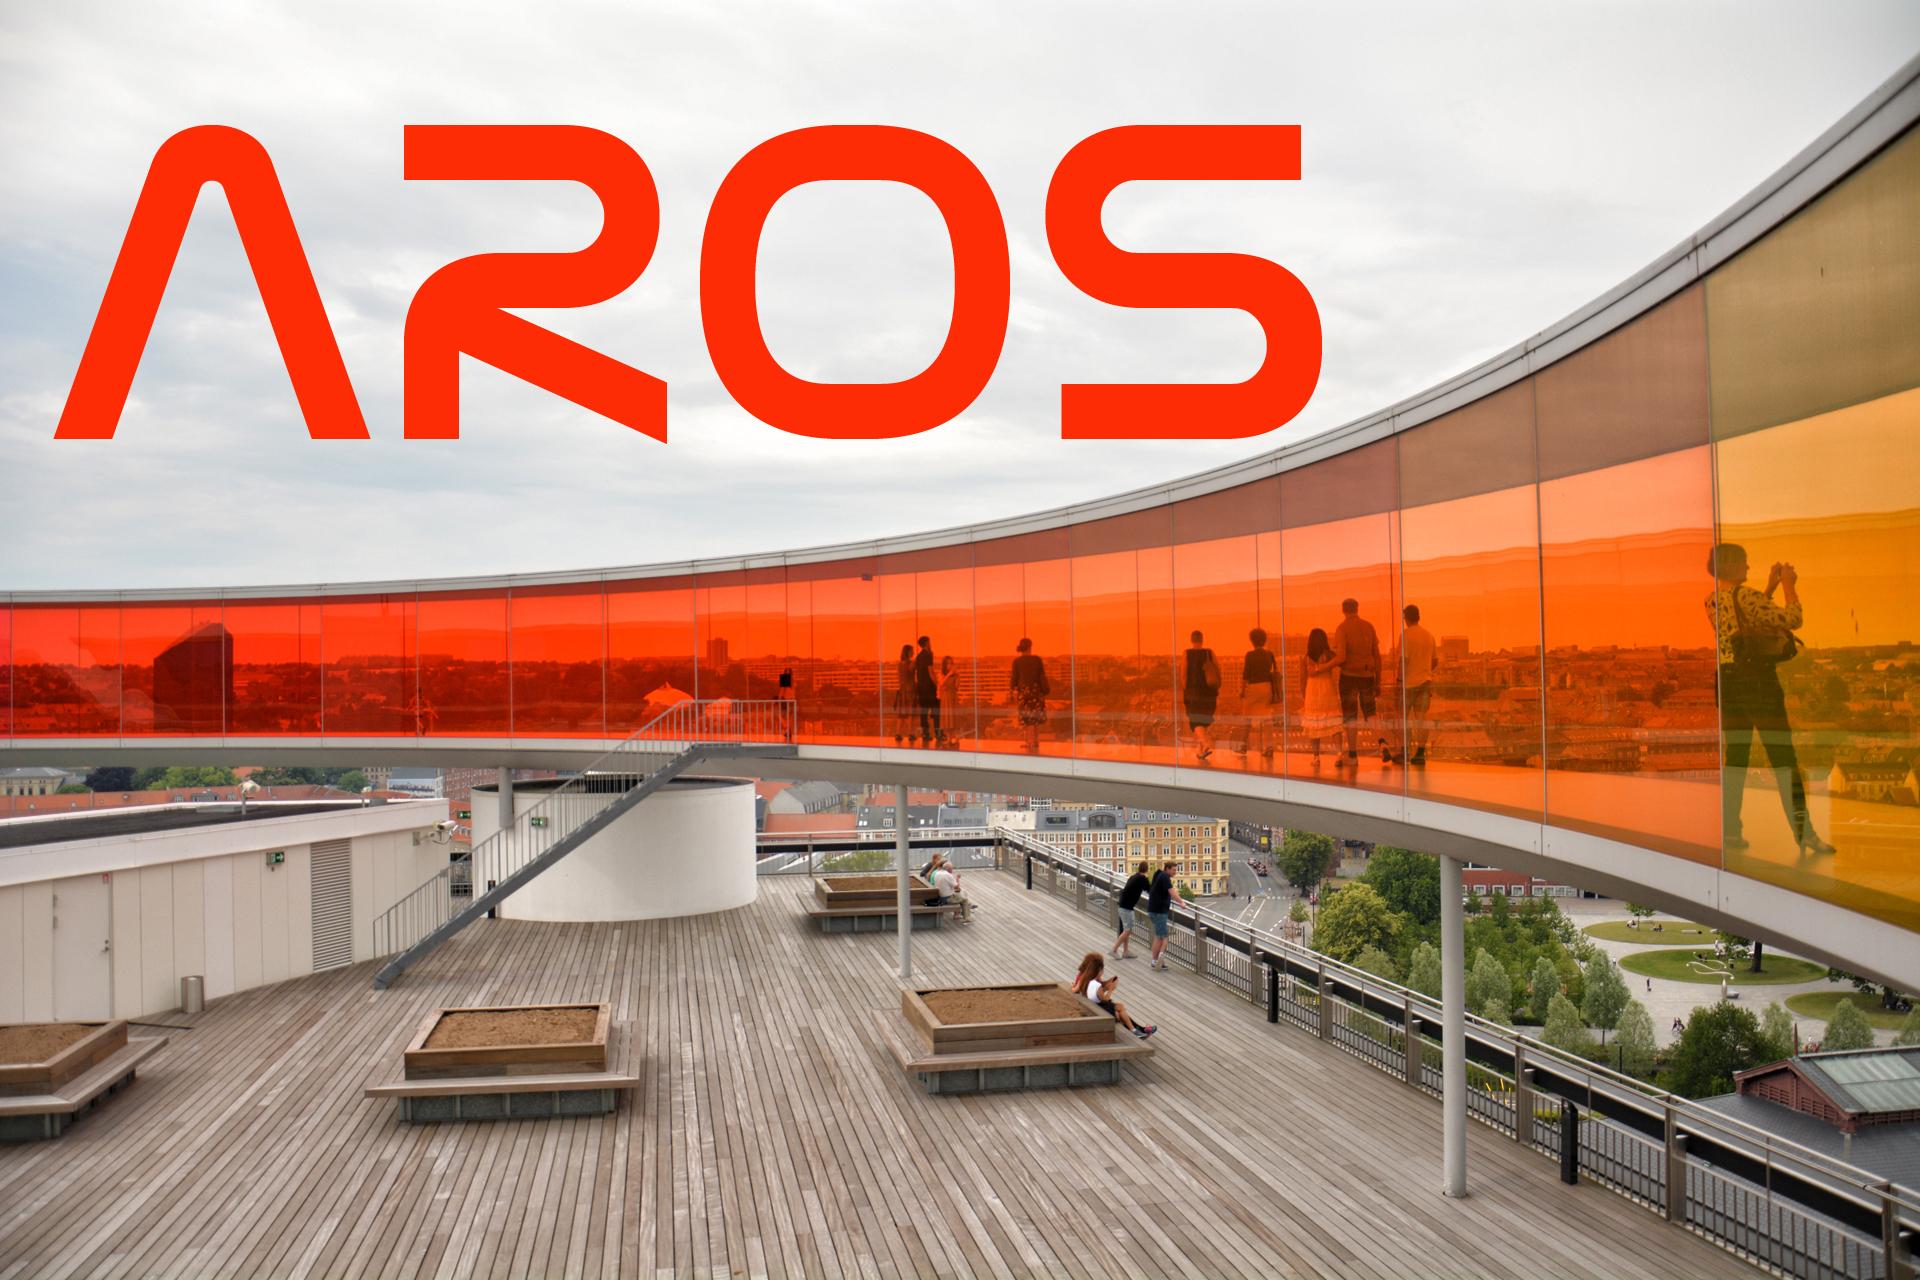 Muzeum ARoS w duńskim Aarhus